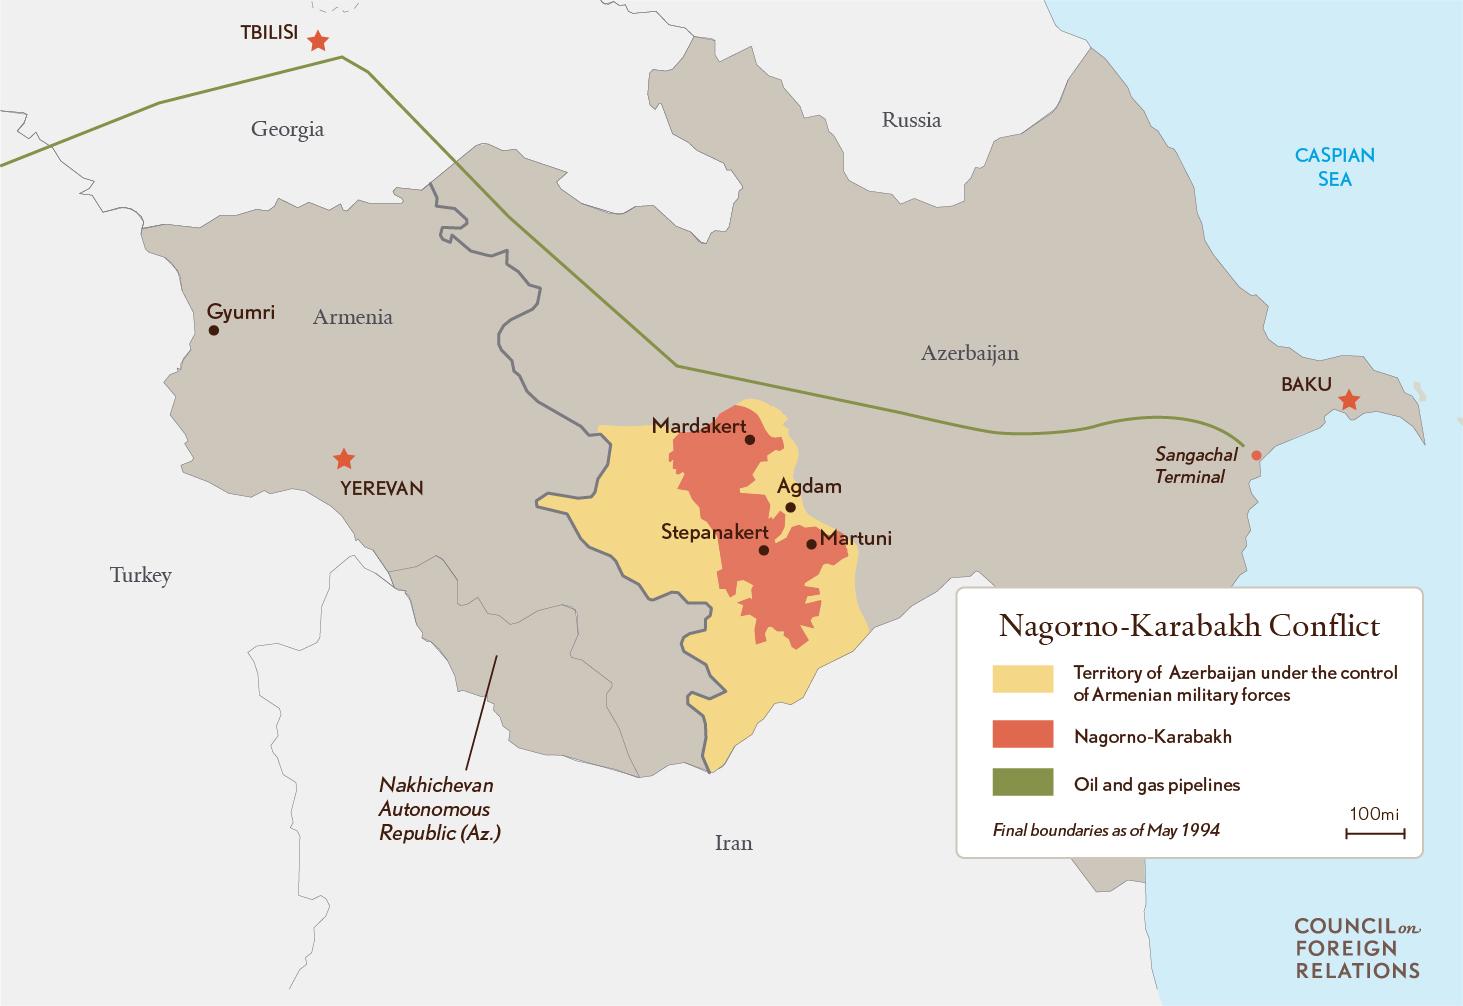 Nagorno Karabkah Conflict